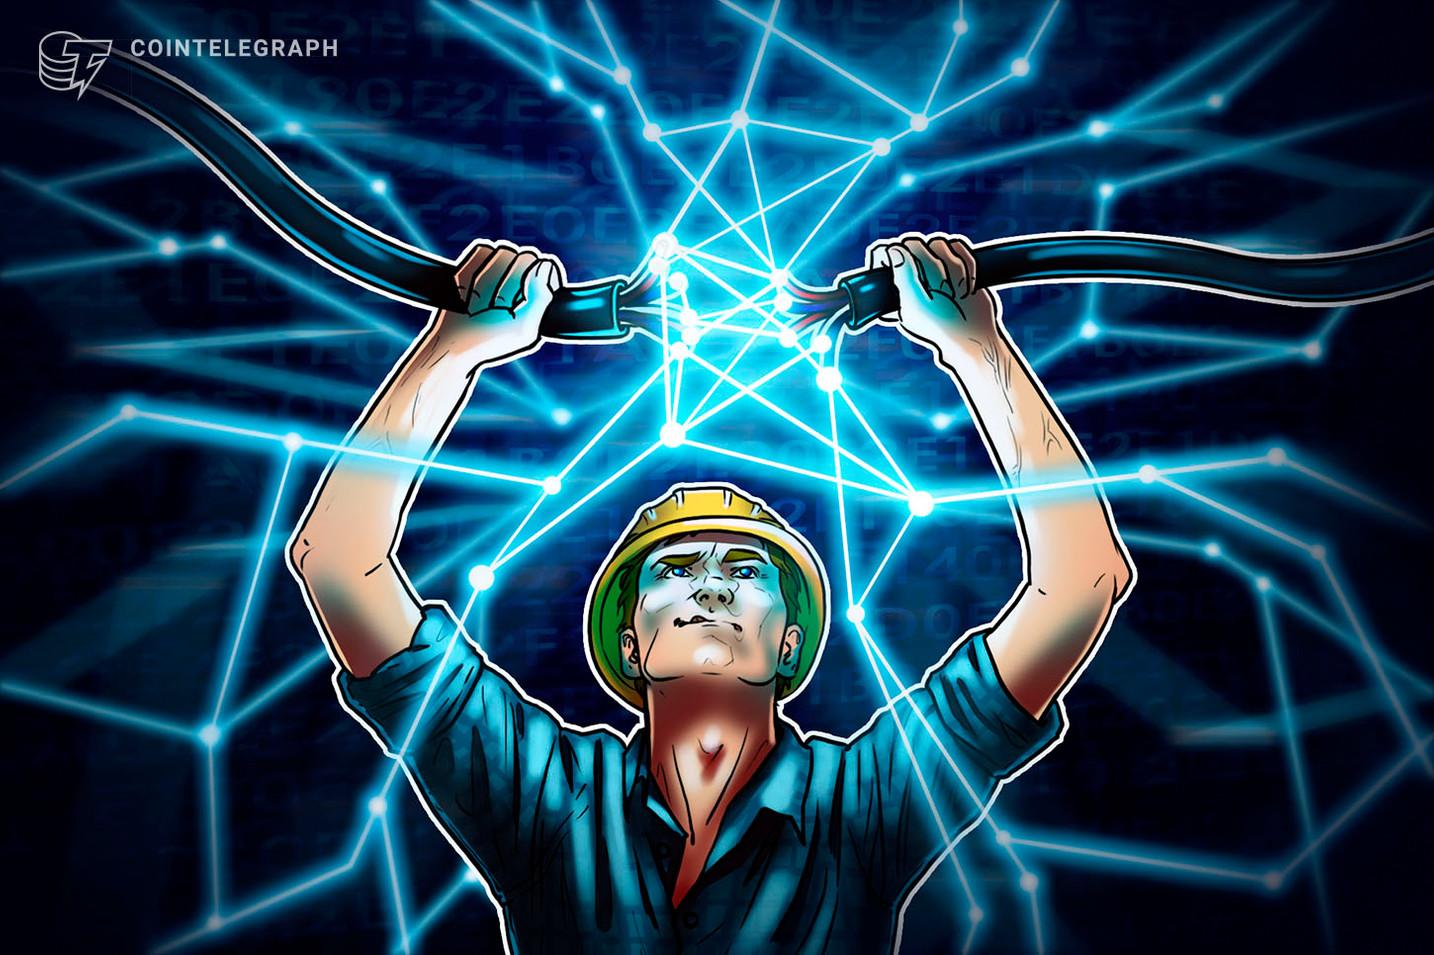 Informe: el 76% de los mineros de criptomonedas utilizan energías renovables como parte de su suministro